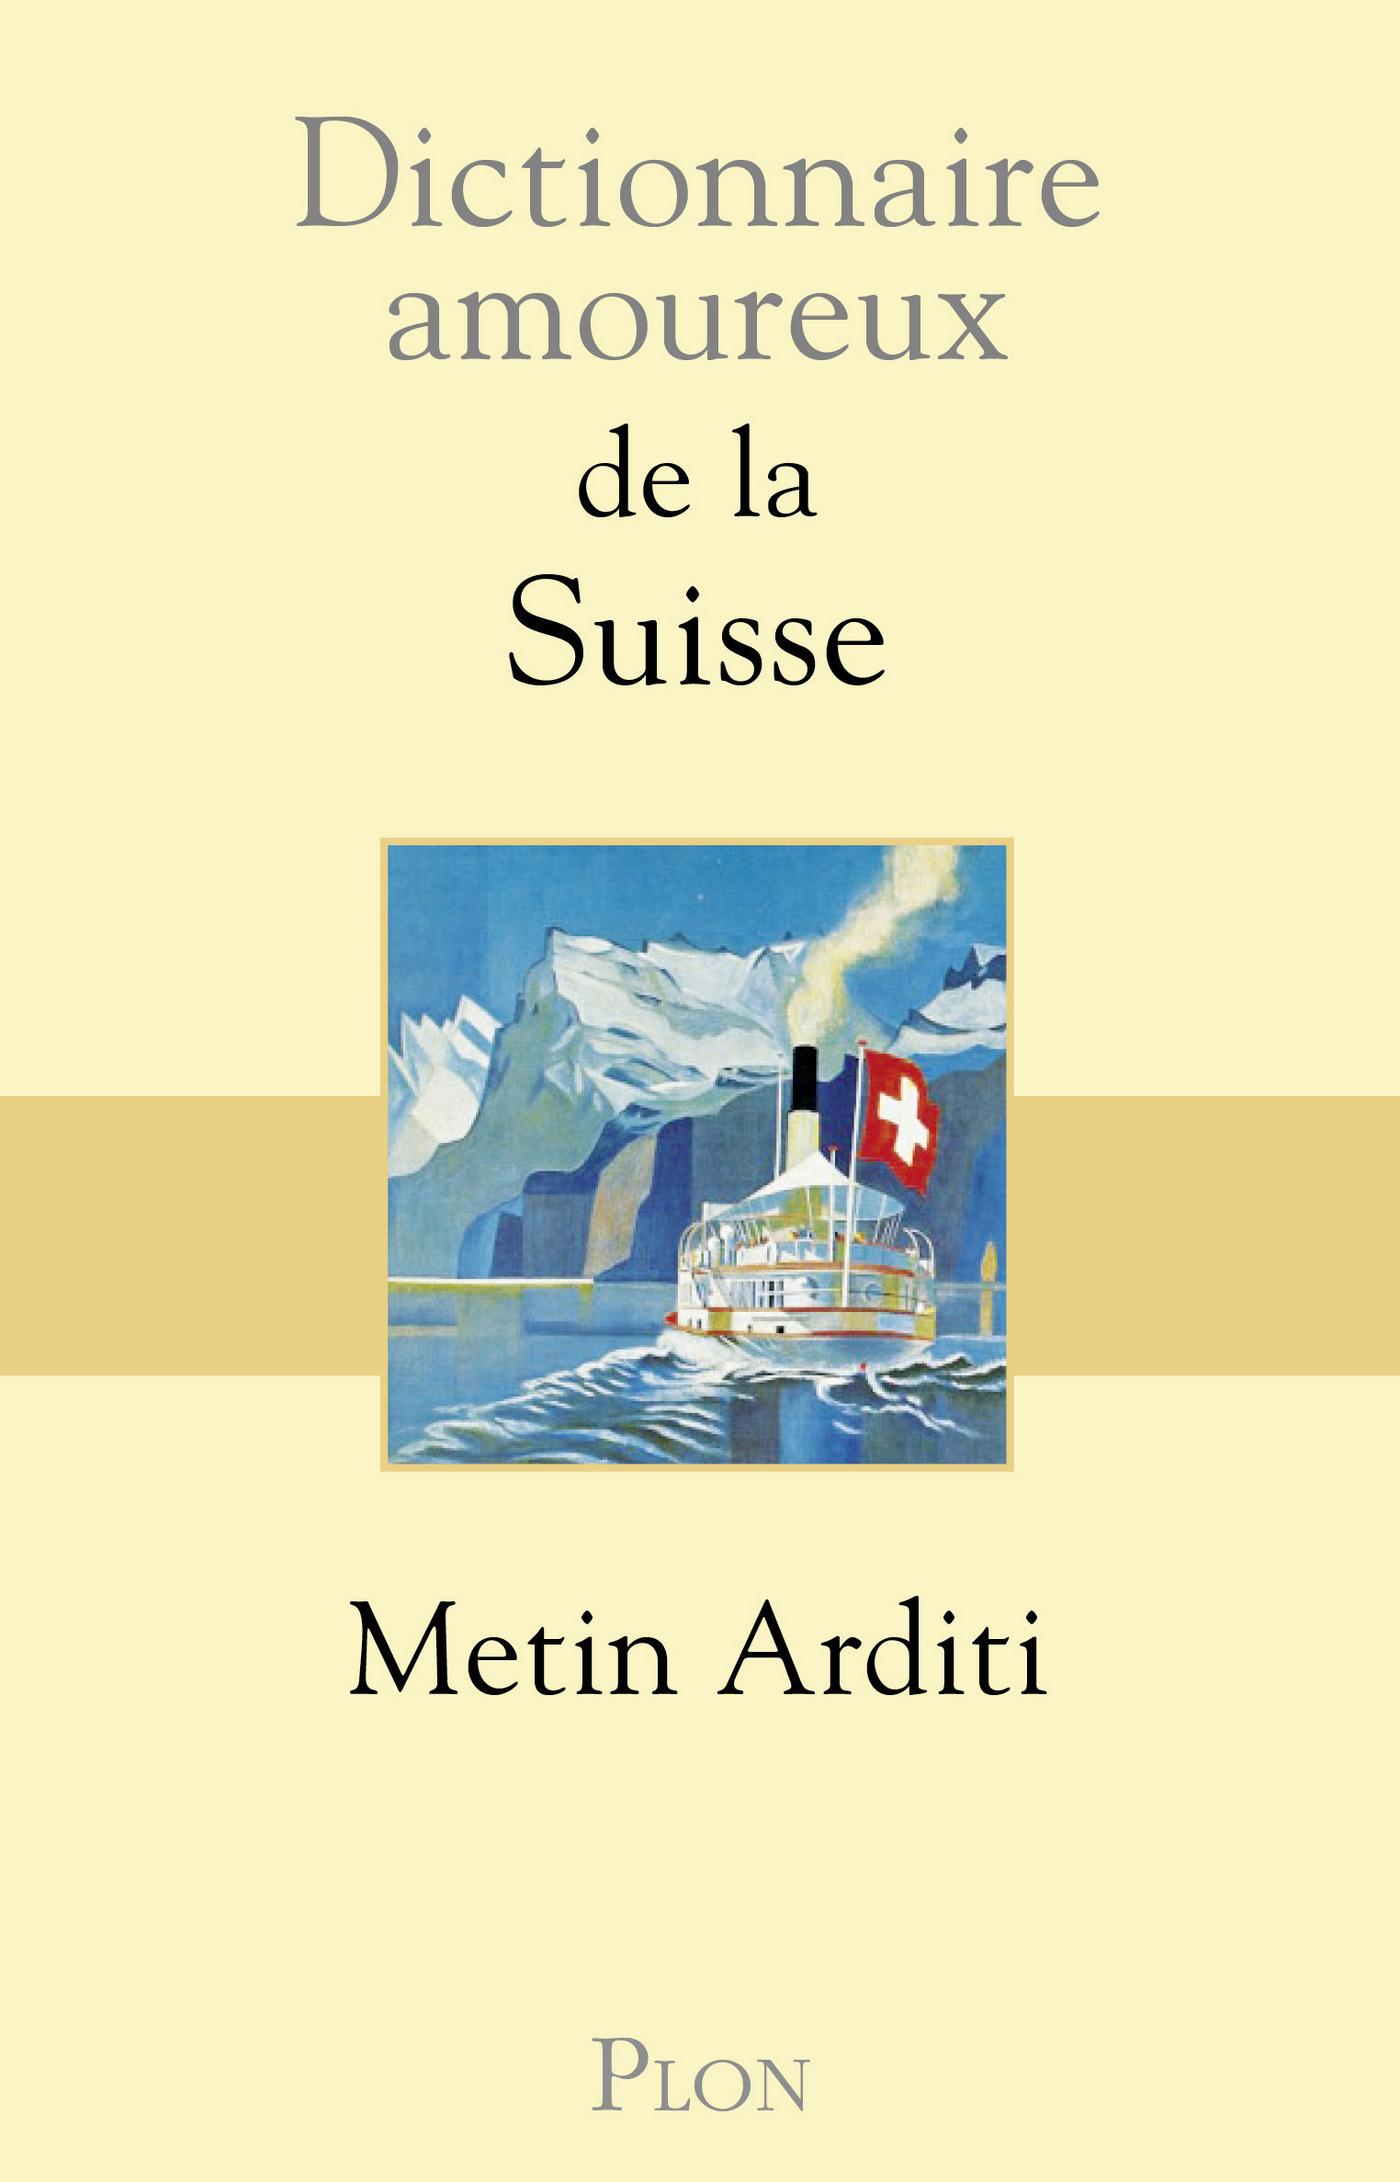 Dictionnaire amoureux de la Suisse